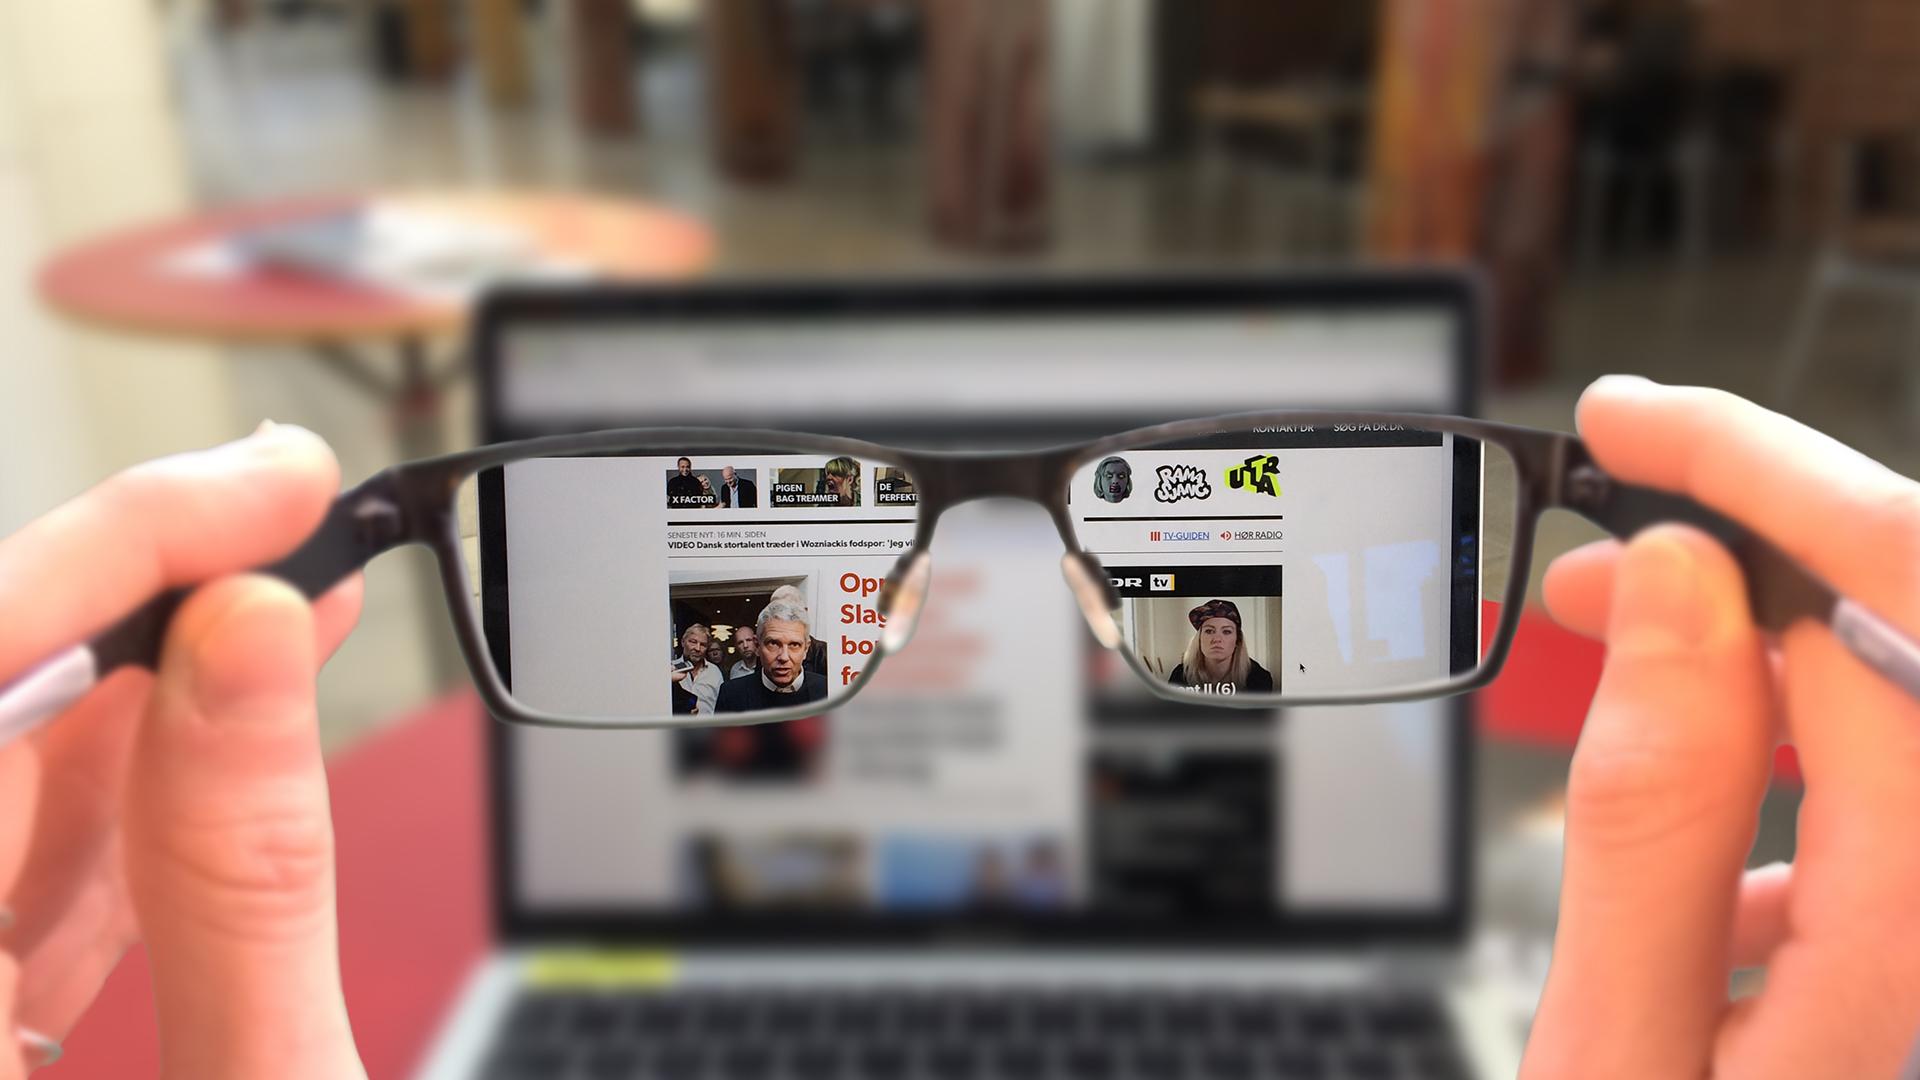 3c490bf42bd6 Tusindvis af danskere har problemer med synet. Her kan du opleve